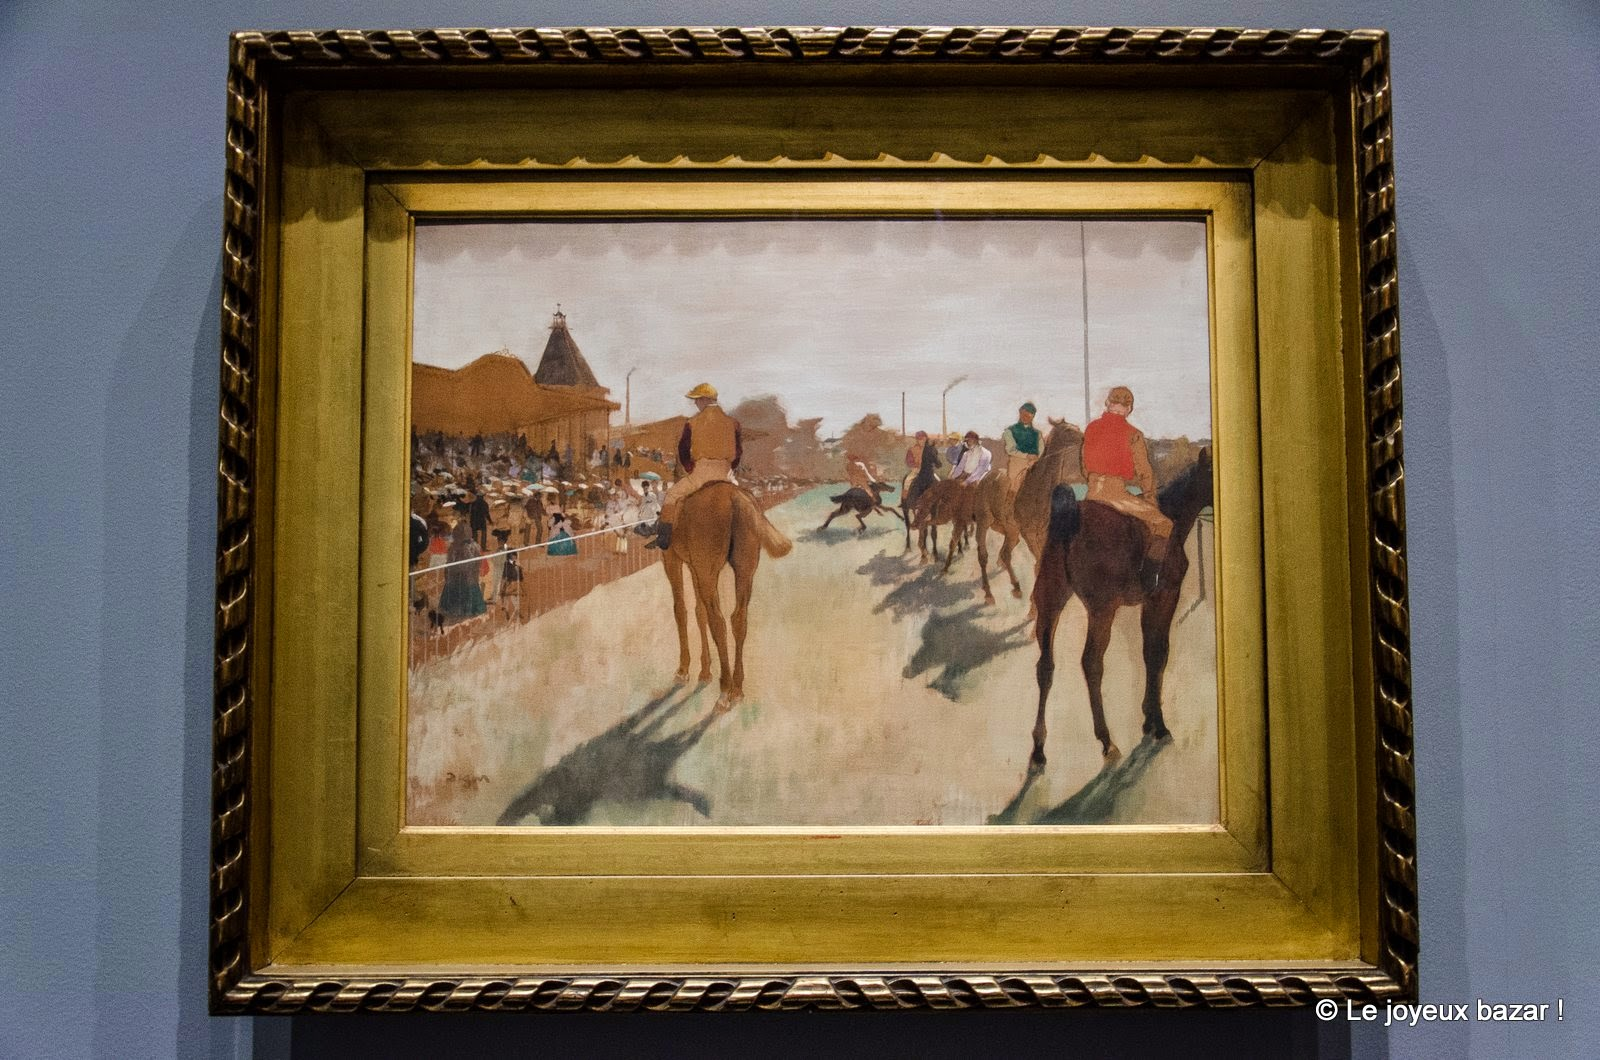 Edgar Degas Le Défilé entre 1866 et 1868 Huile sur papier marouflé sur toile, 46 x 61 cm Paris, Musée d'Orsay